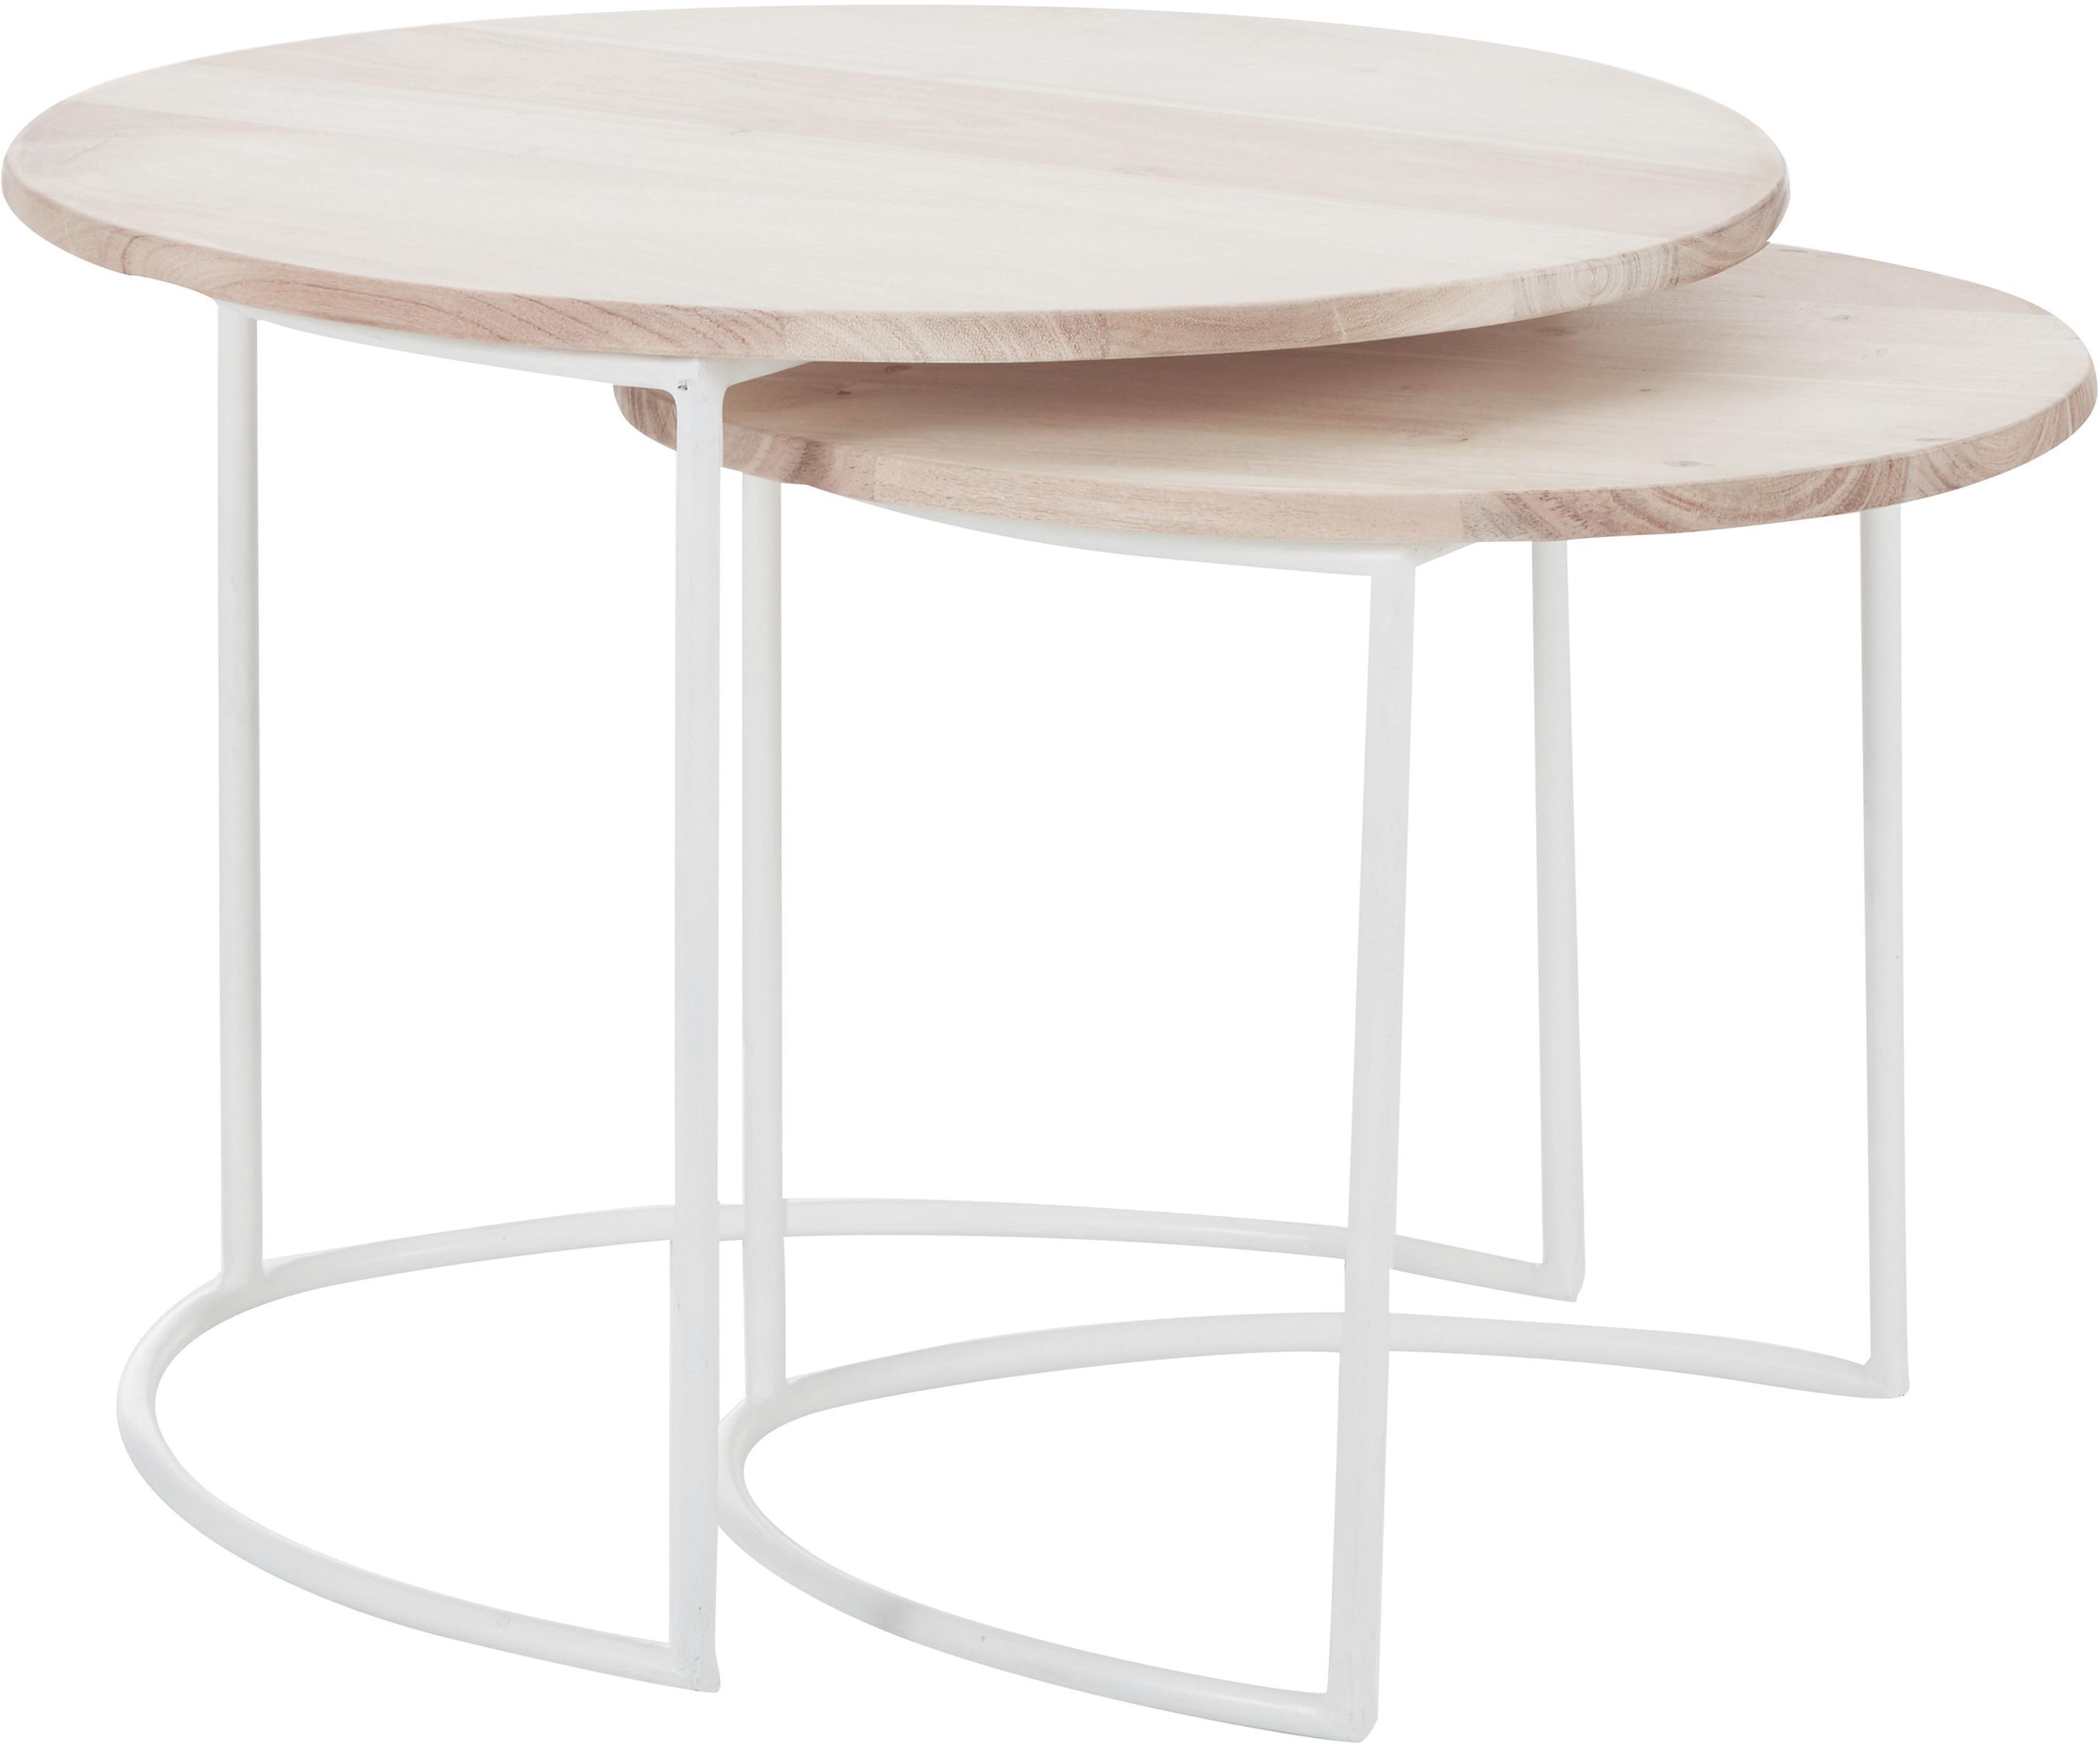 Komplet stolików pomocniczych z drewnianym blatem Emma, 2elem., Blat: drewno akacjowe, barwiony, Nogi: metal malowany proszkowo, Drewno akacjowe, biały, Komplet z różnymi rozmiarami